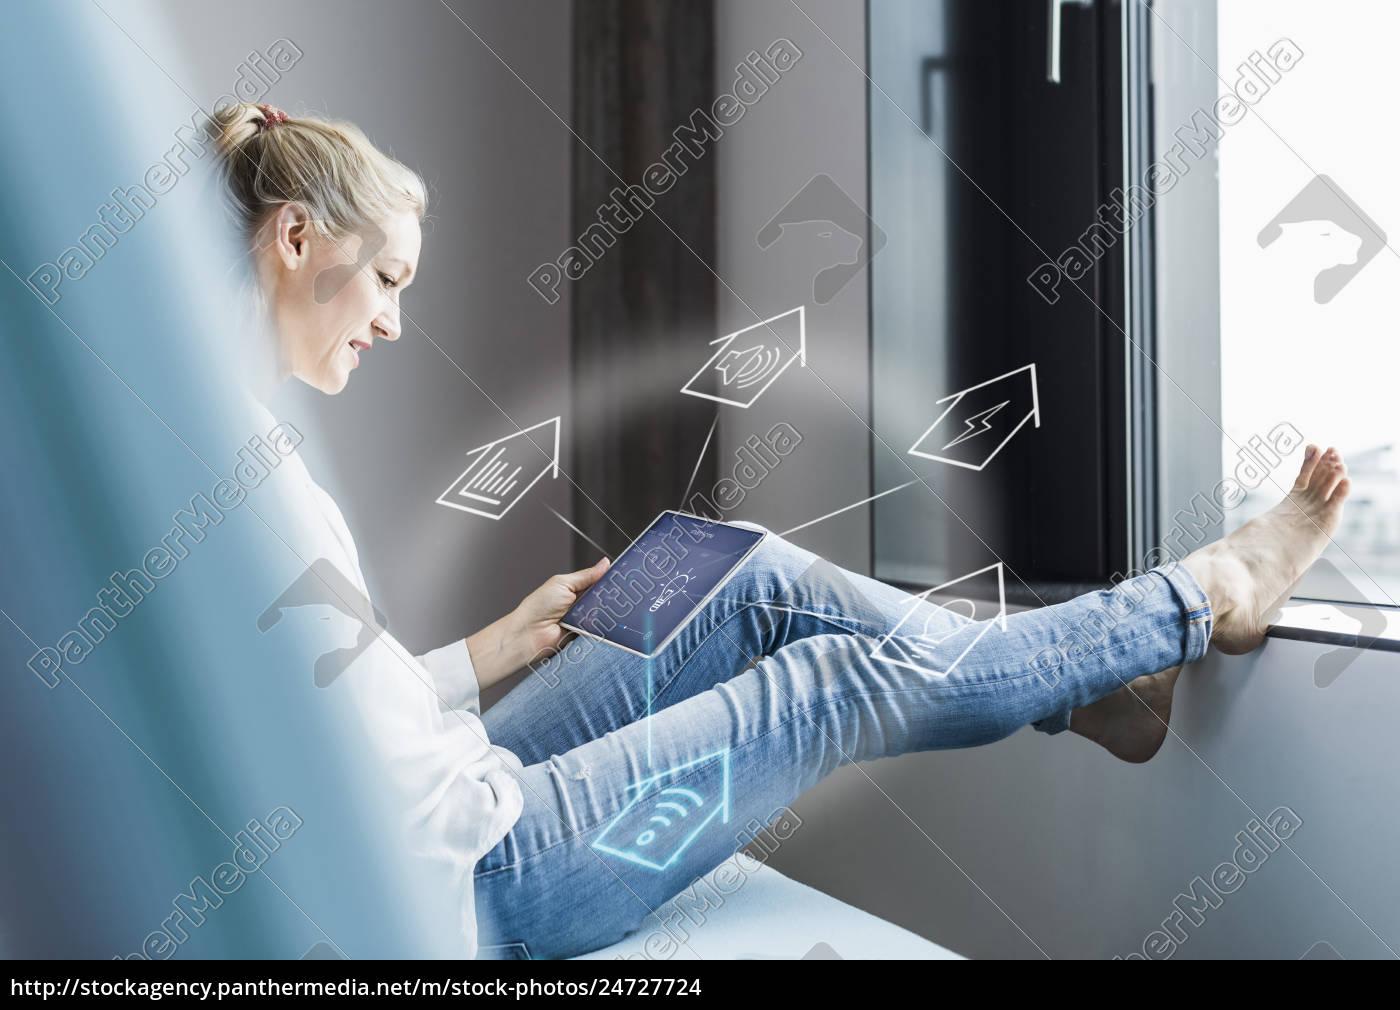 frau, im, büro, sitzen, mit, digitalen, tablet, um - 24727724